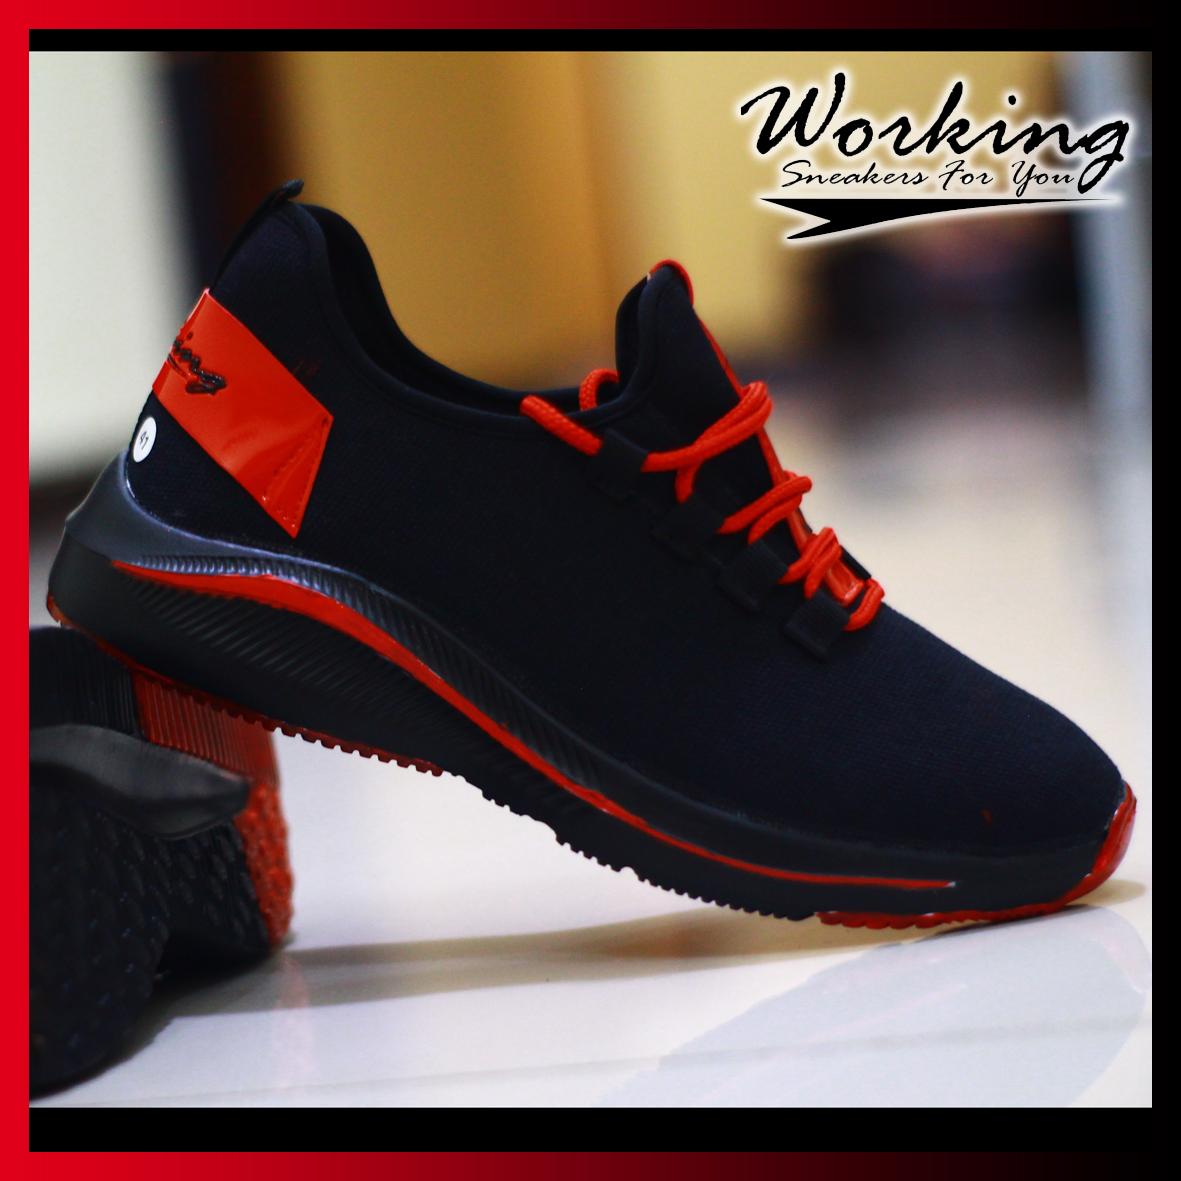 sepatu runing pria pumaa sepatu pria  sepatu pria selop sepatu pria boots sepatu pria sepatu pria sneakers sepatu pria sport sandal pria sepatu pria kulit sepatu pria karet sepatu pria